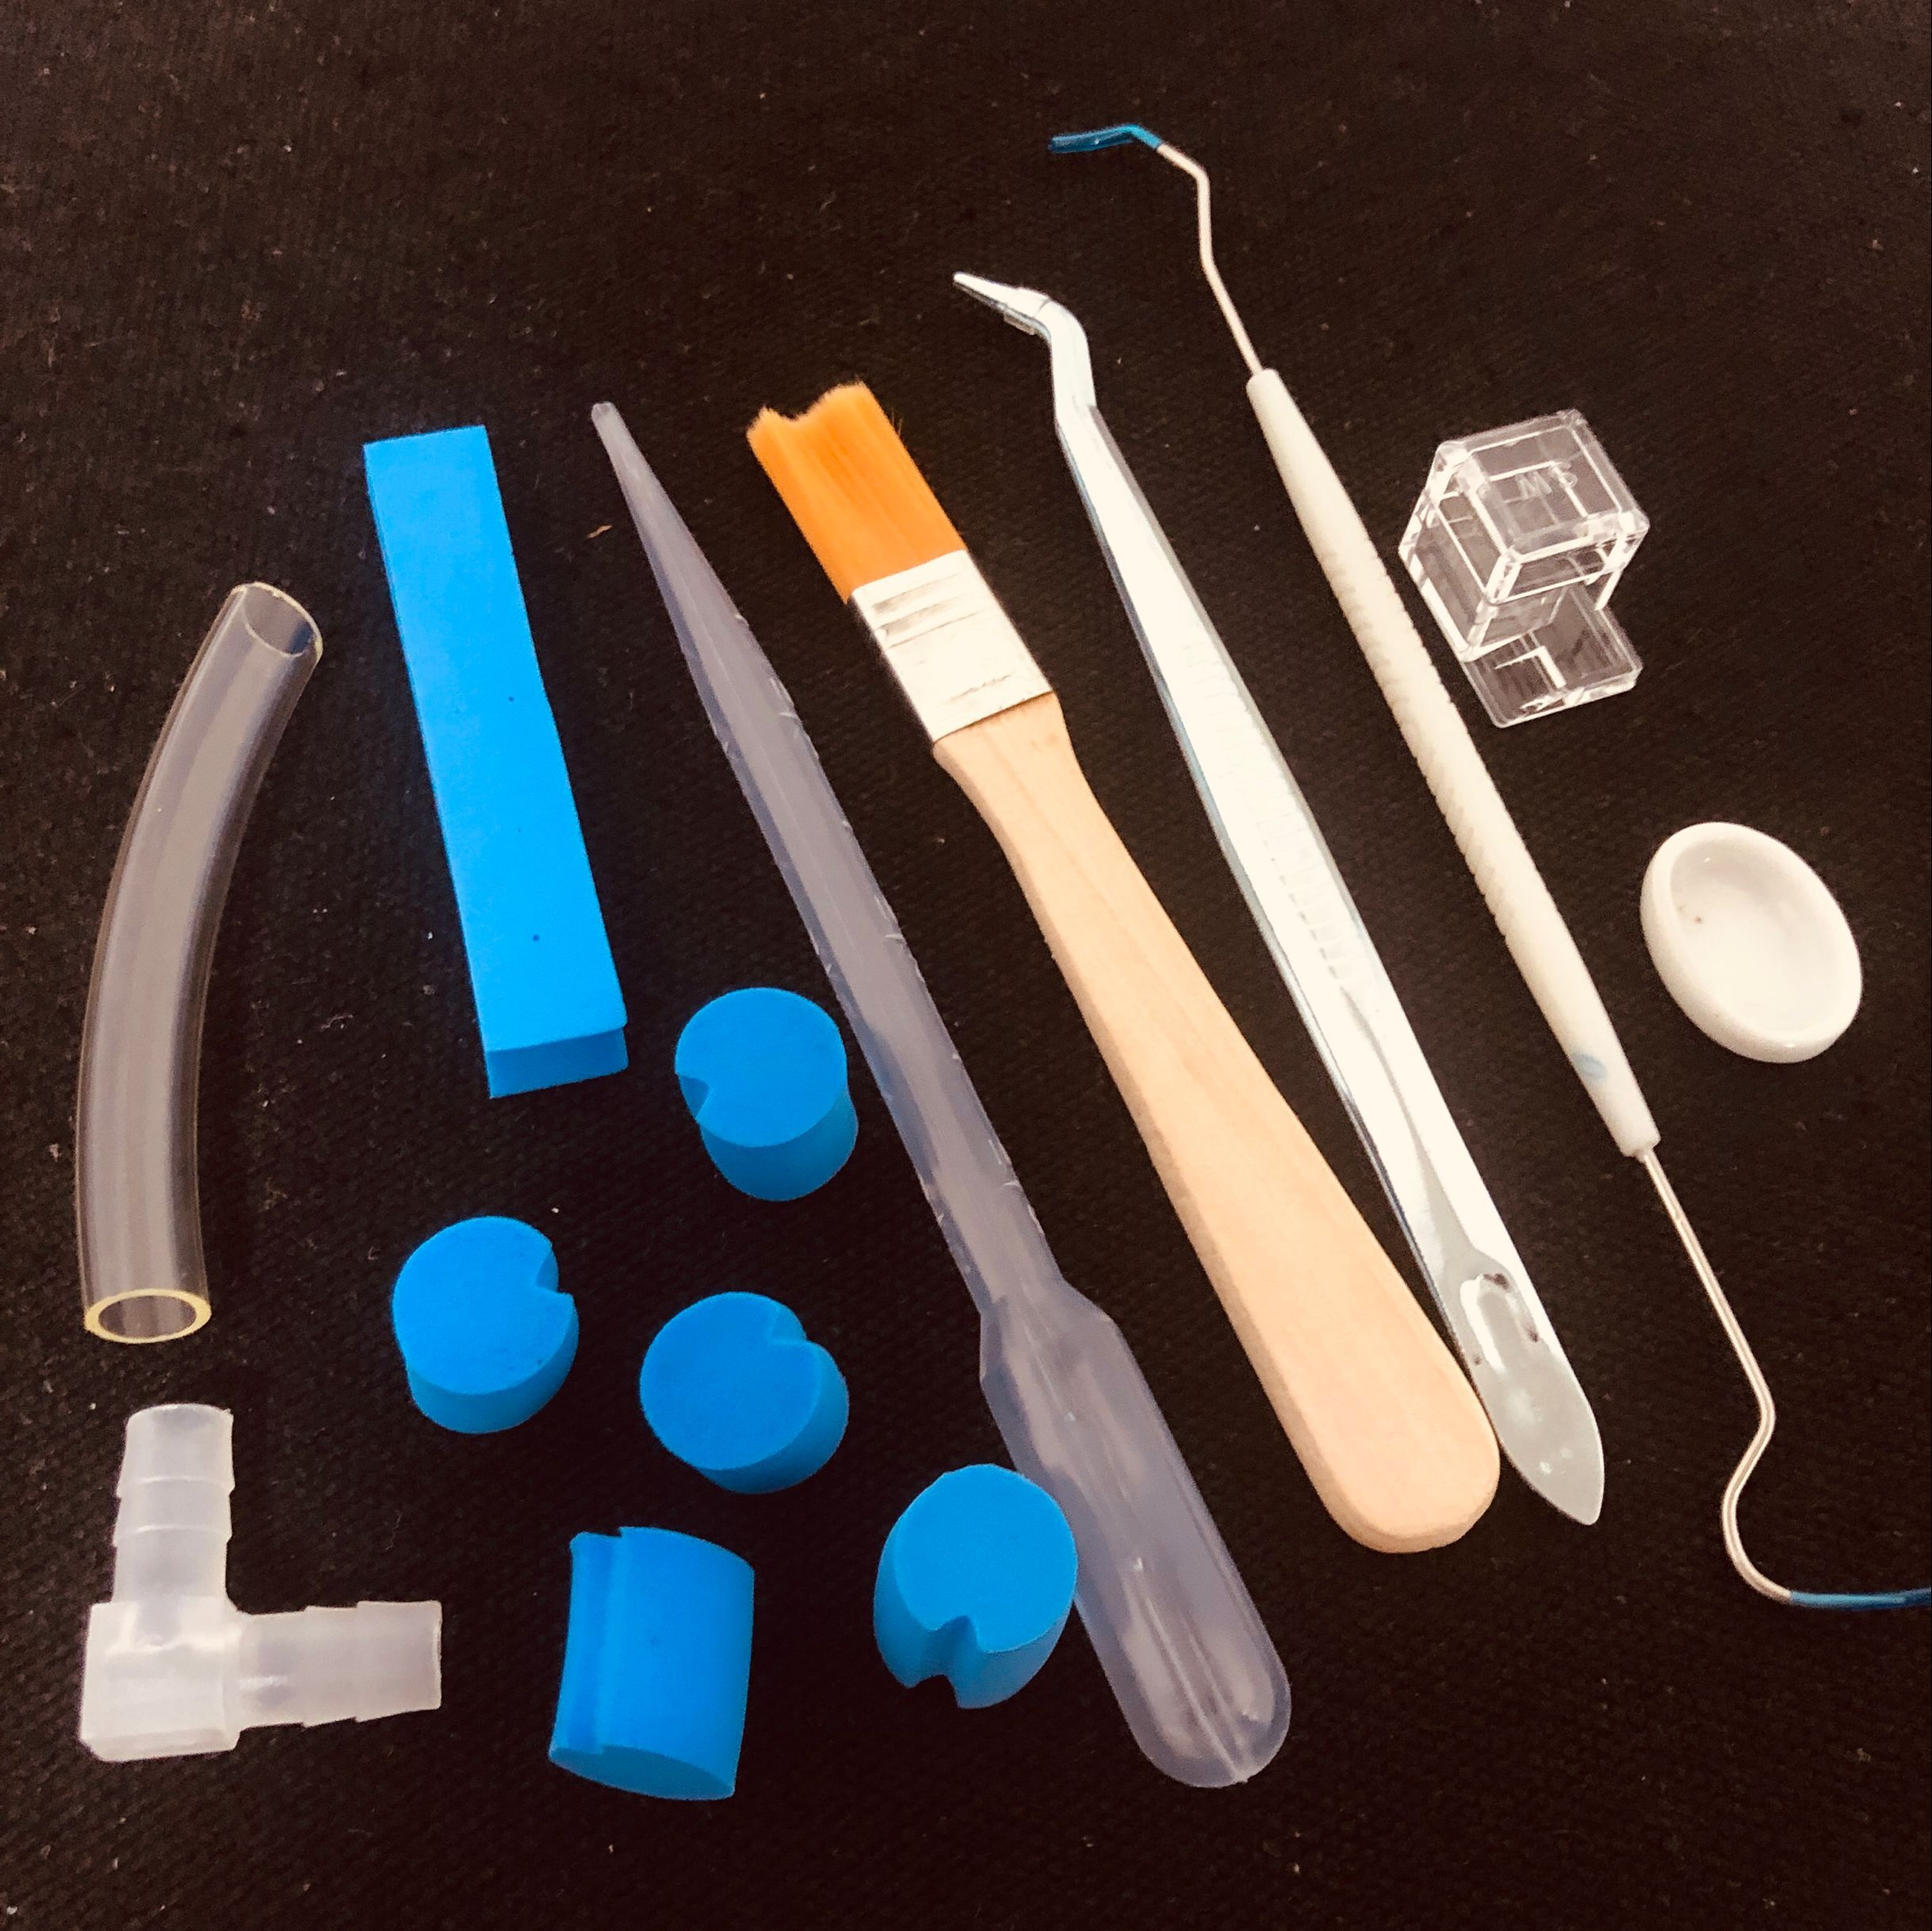 Juego 10 en 1 de herramientas acrílicas para granja de hormigas, suministros para casa de hormigas, accesorios para el cuidado de hormigas